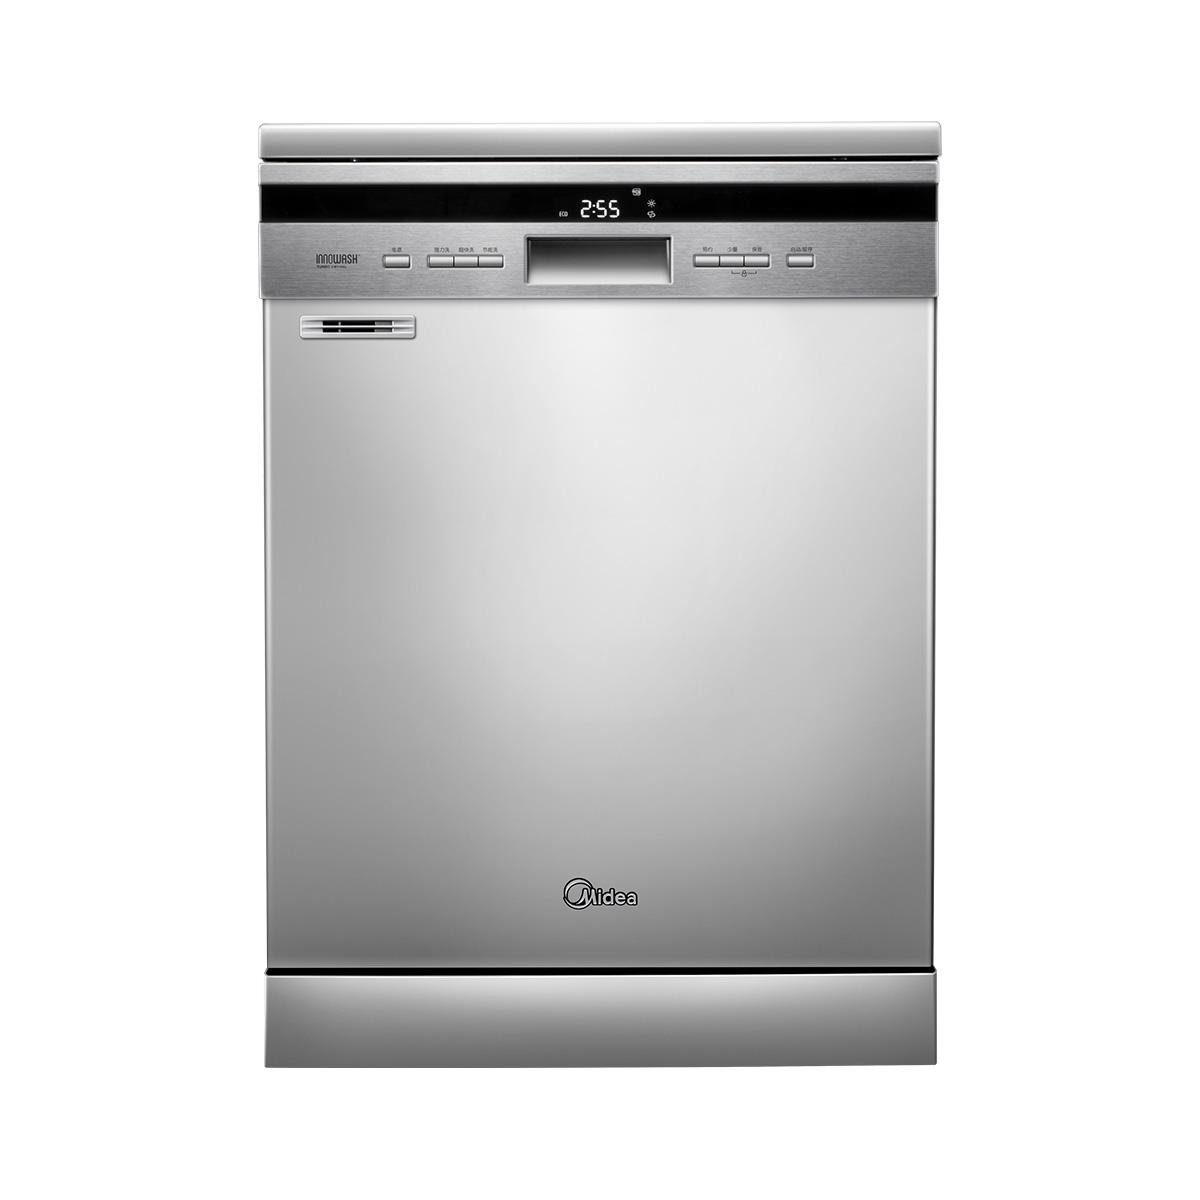 Midea/美的 D7洗碗机 说明书.pdf